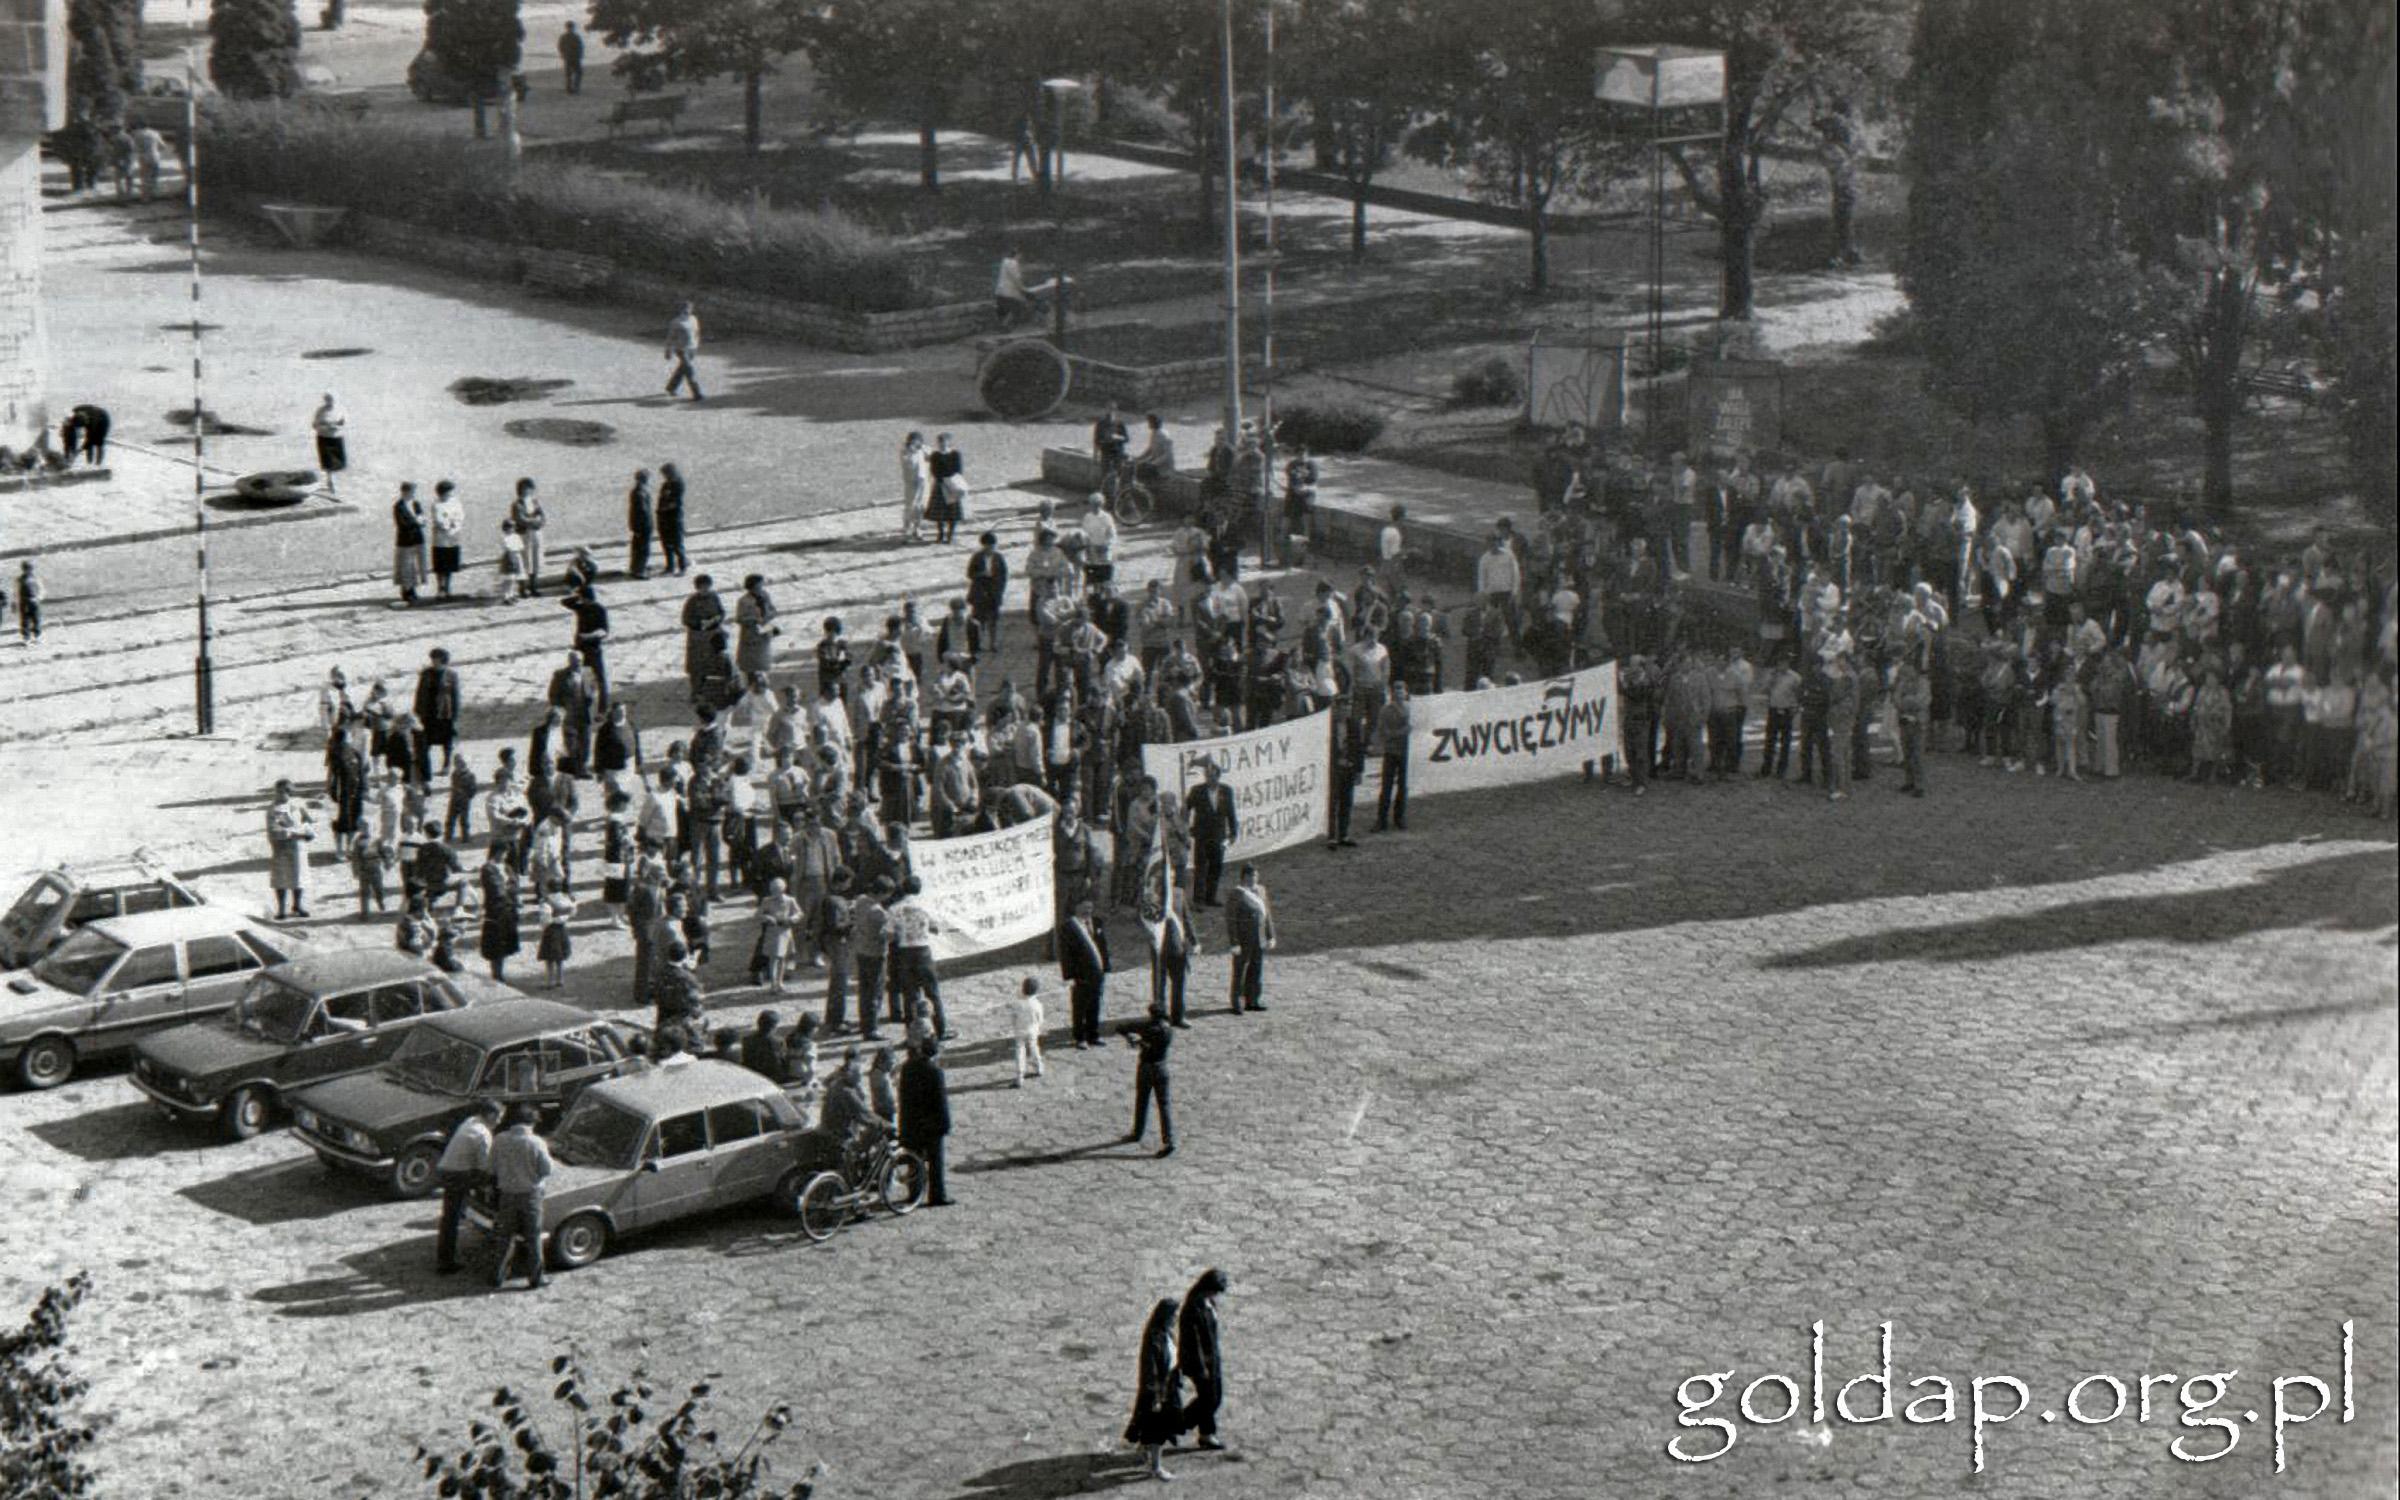 Gołdap plac 1989